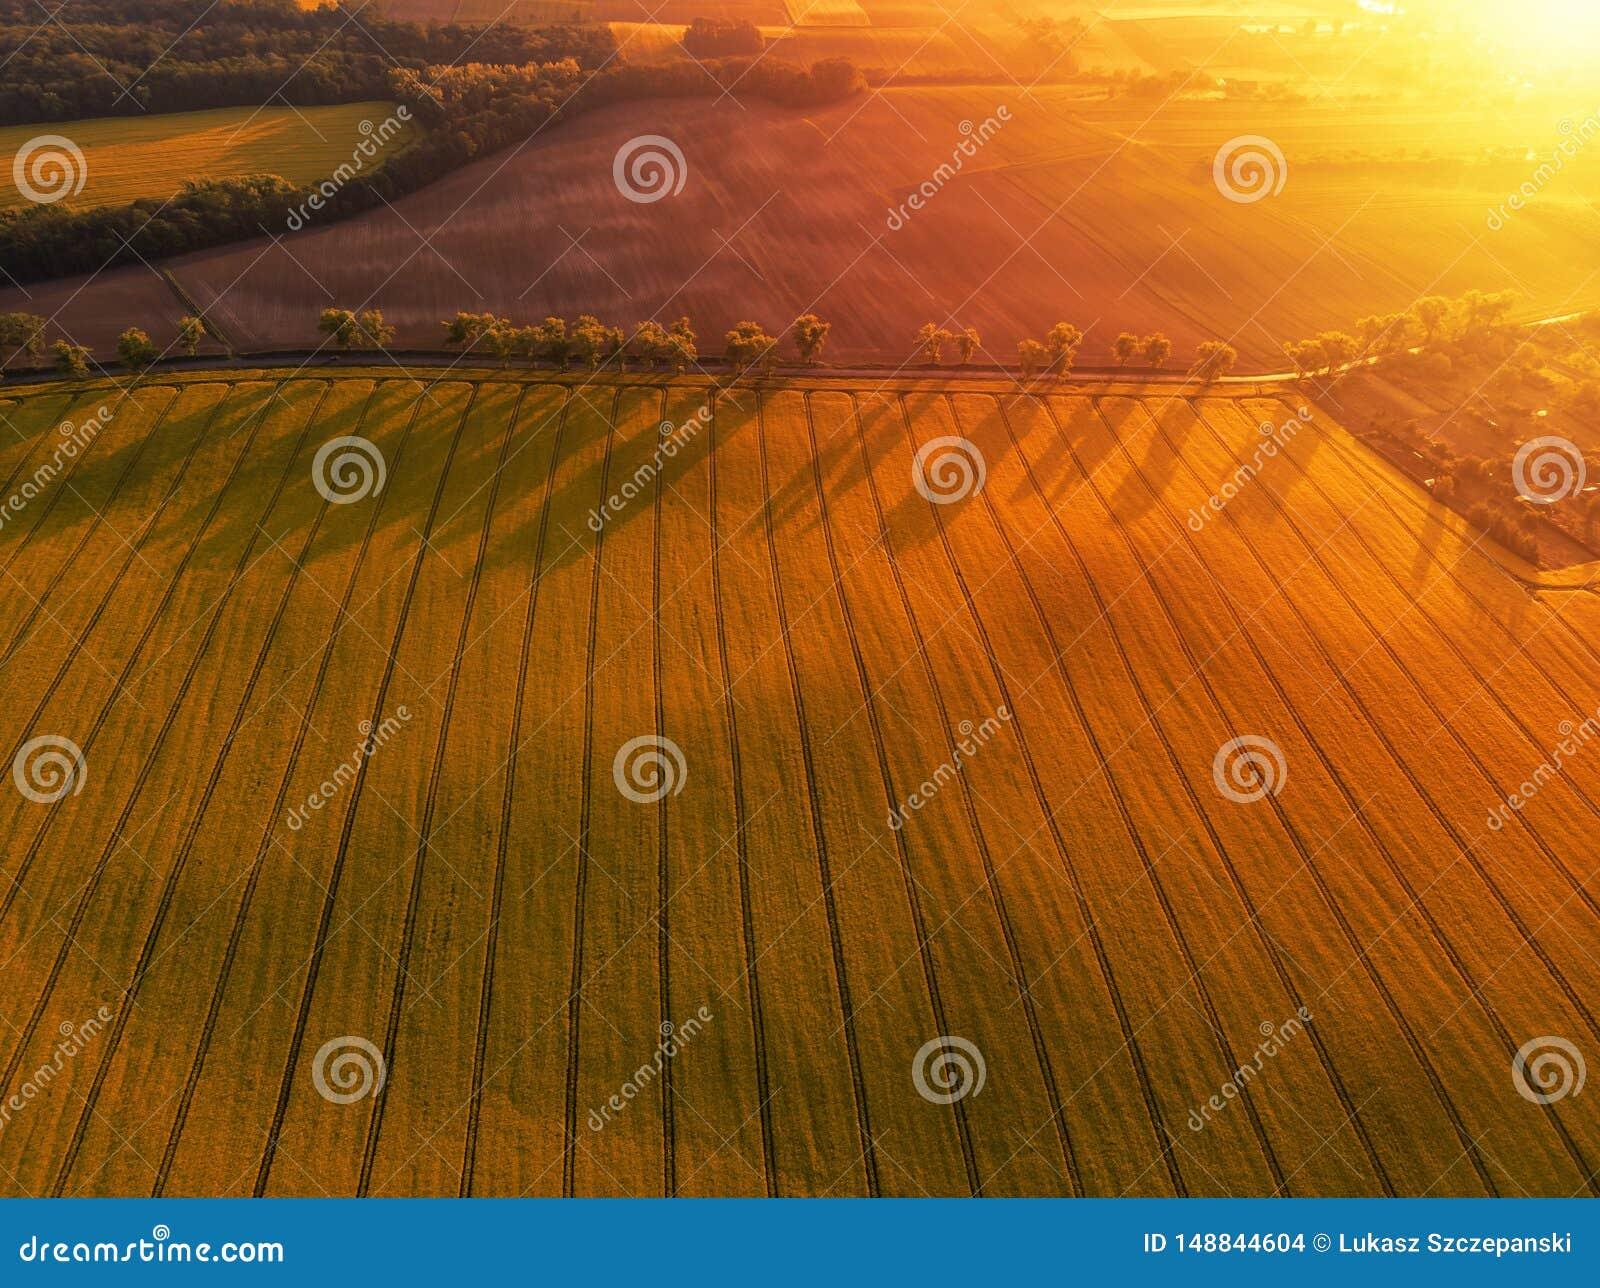 Widok z lotu ptaka żółta canola śródpolna i odległa wiejska droga